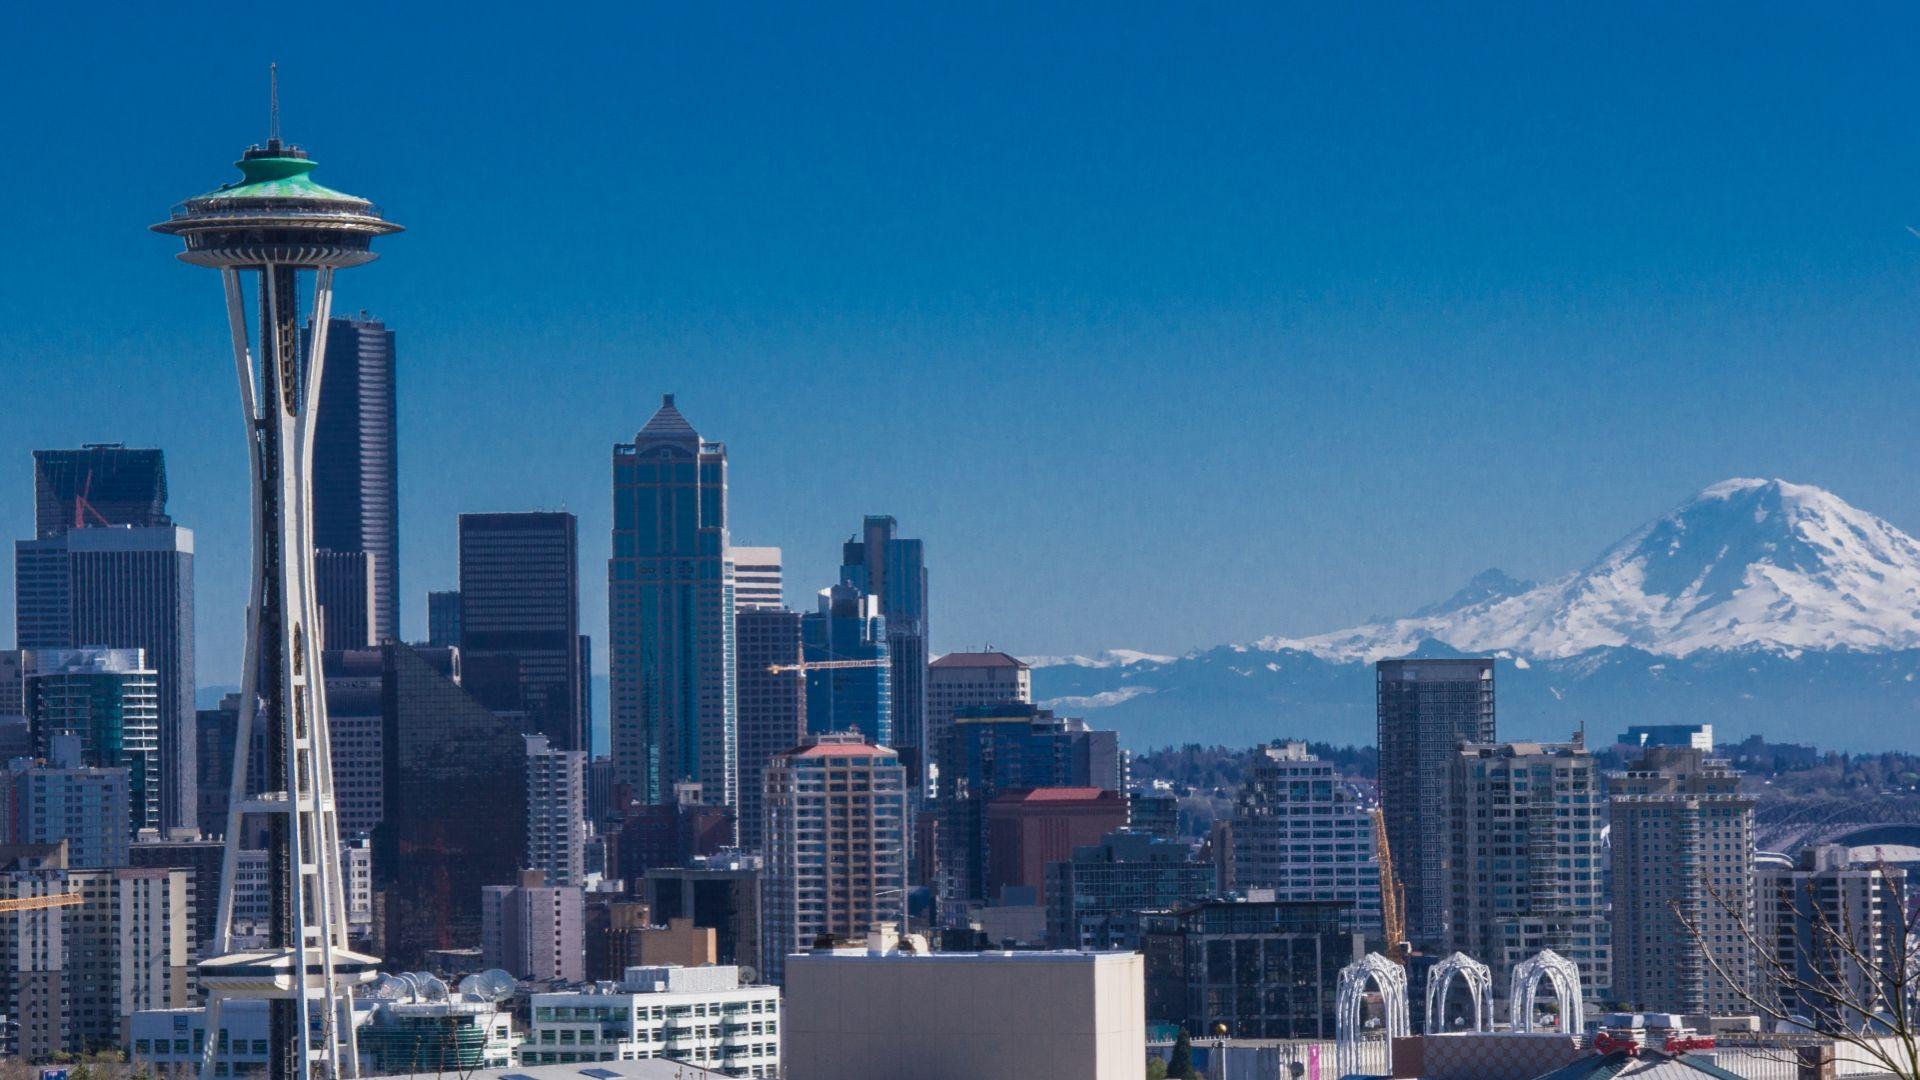 Seattle hd image